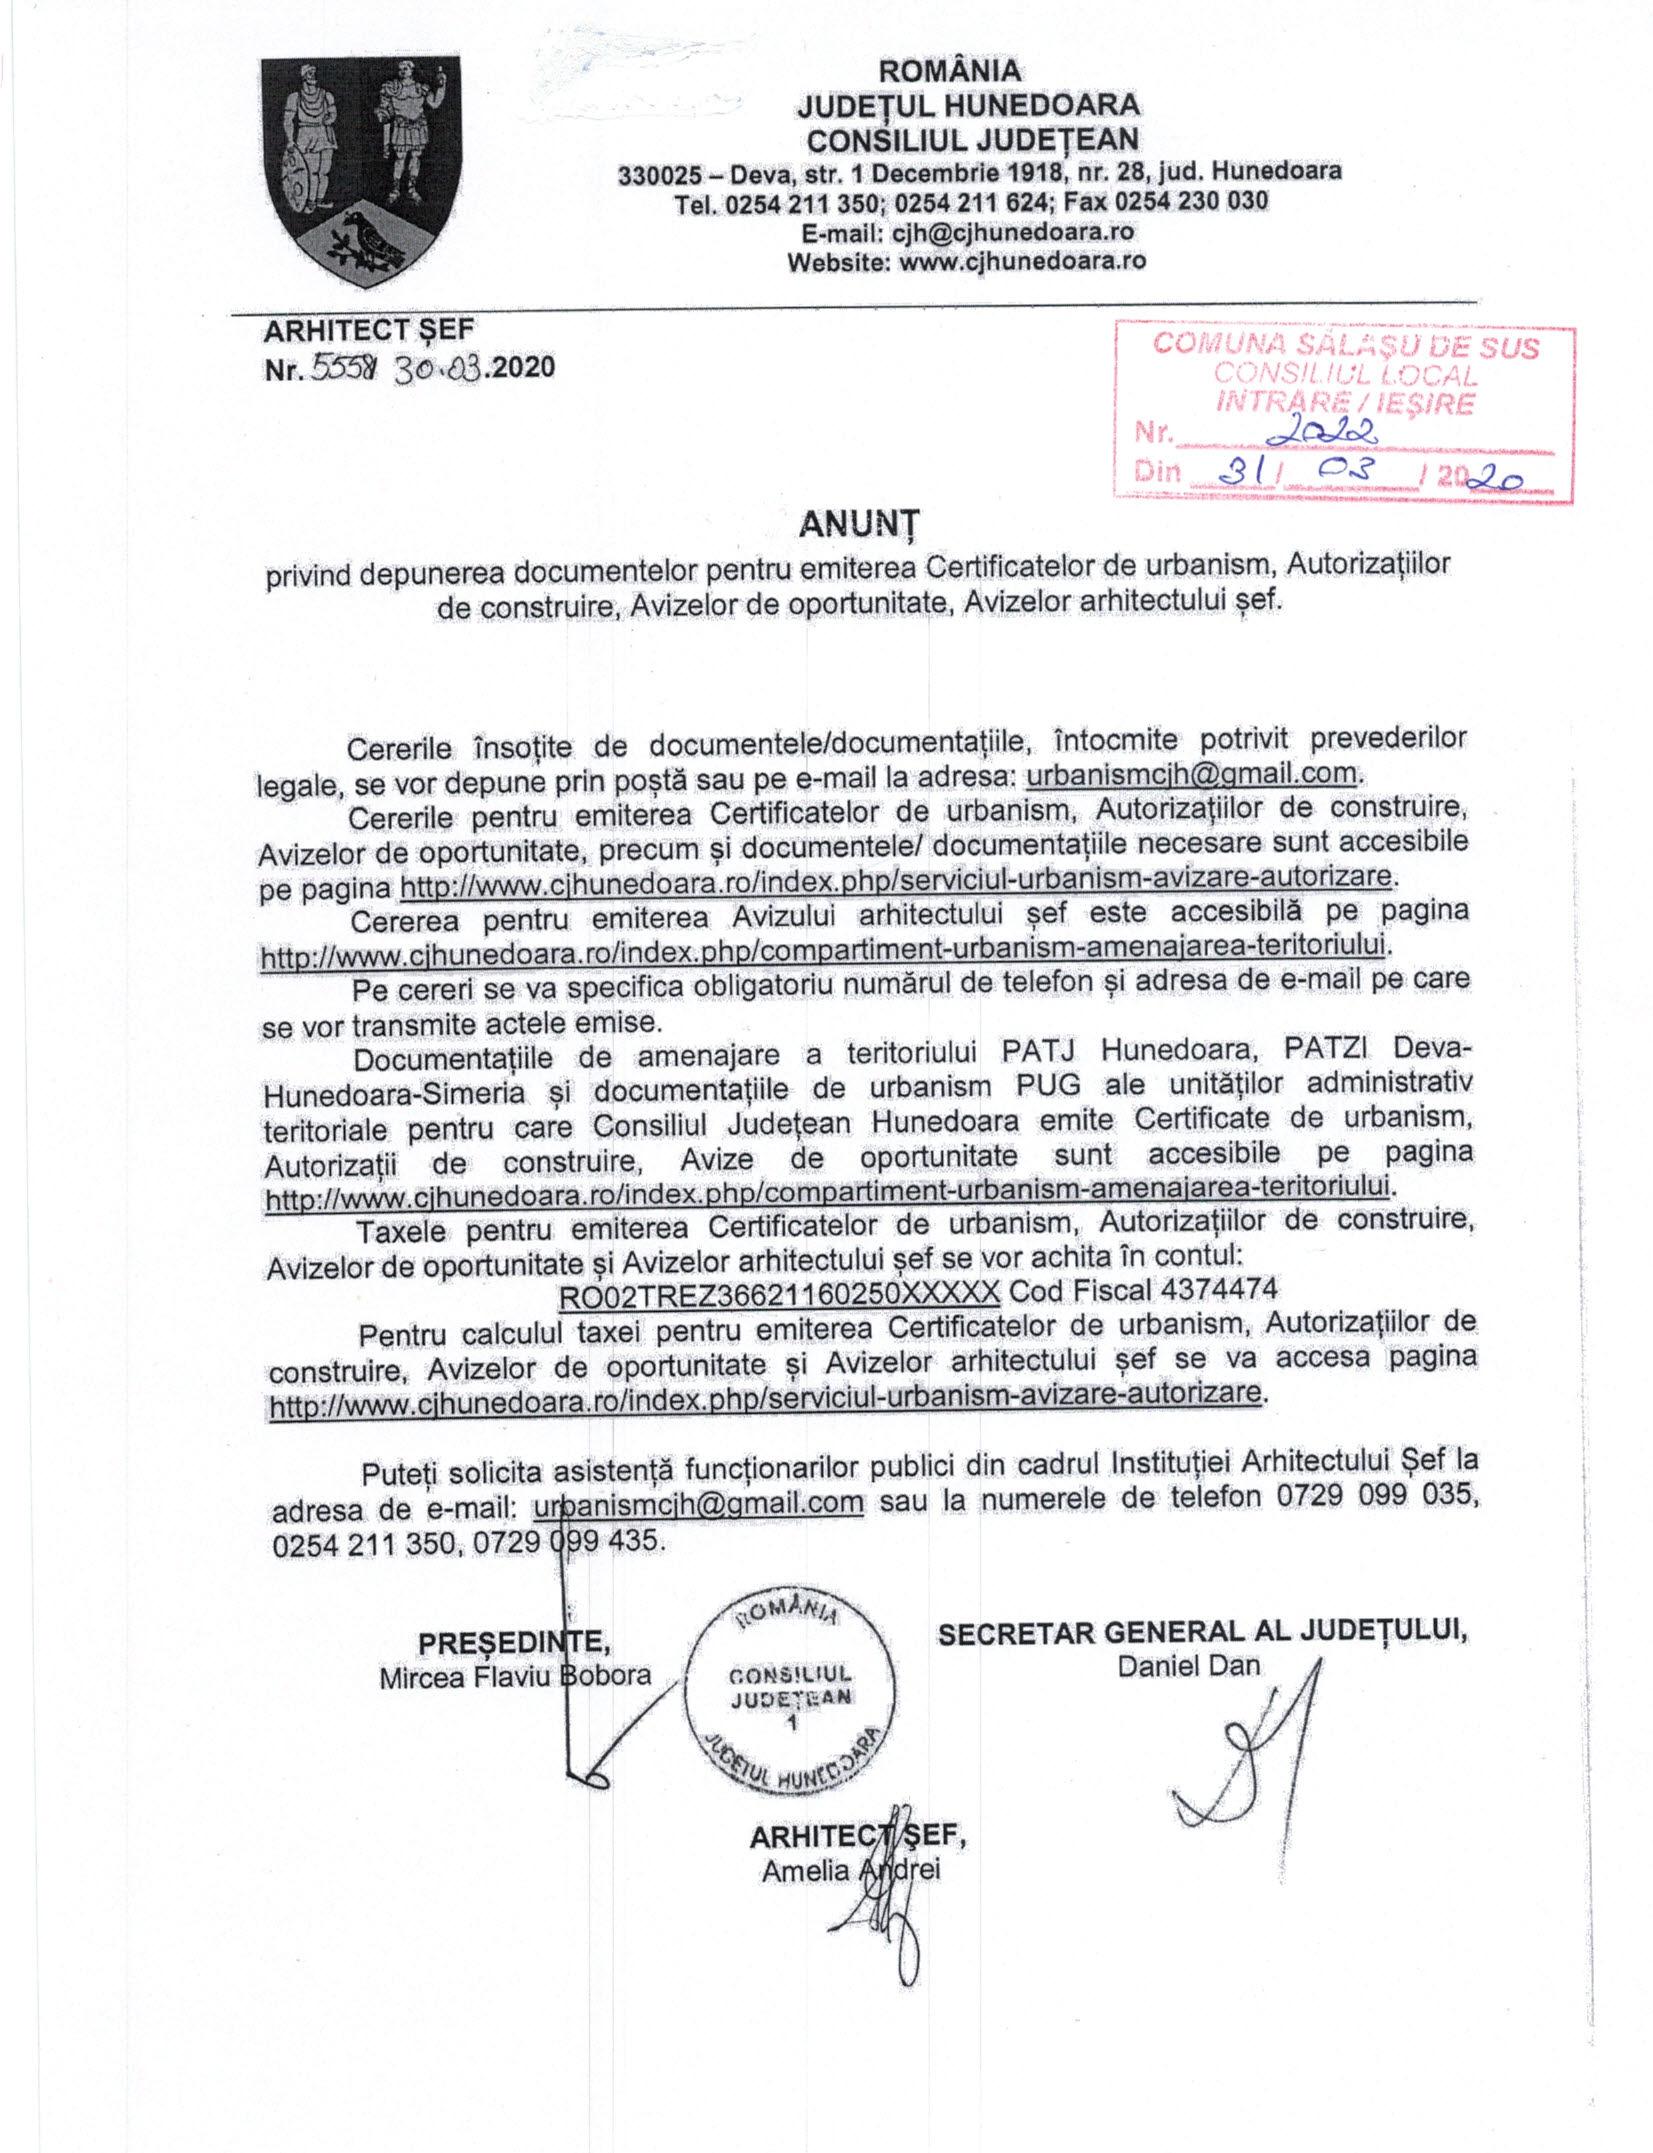 Depunerea documentelor pentru certificatul de urbanism